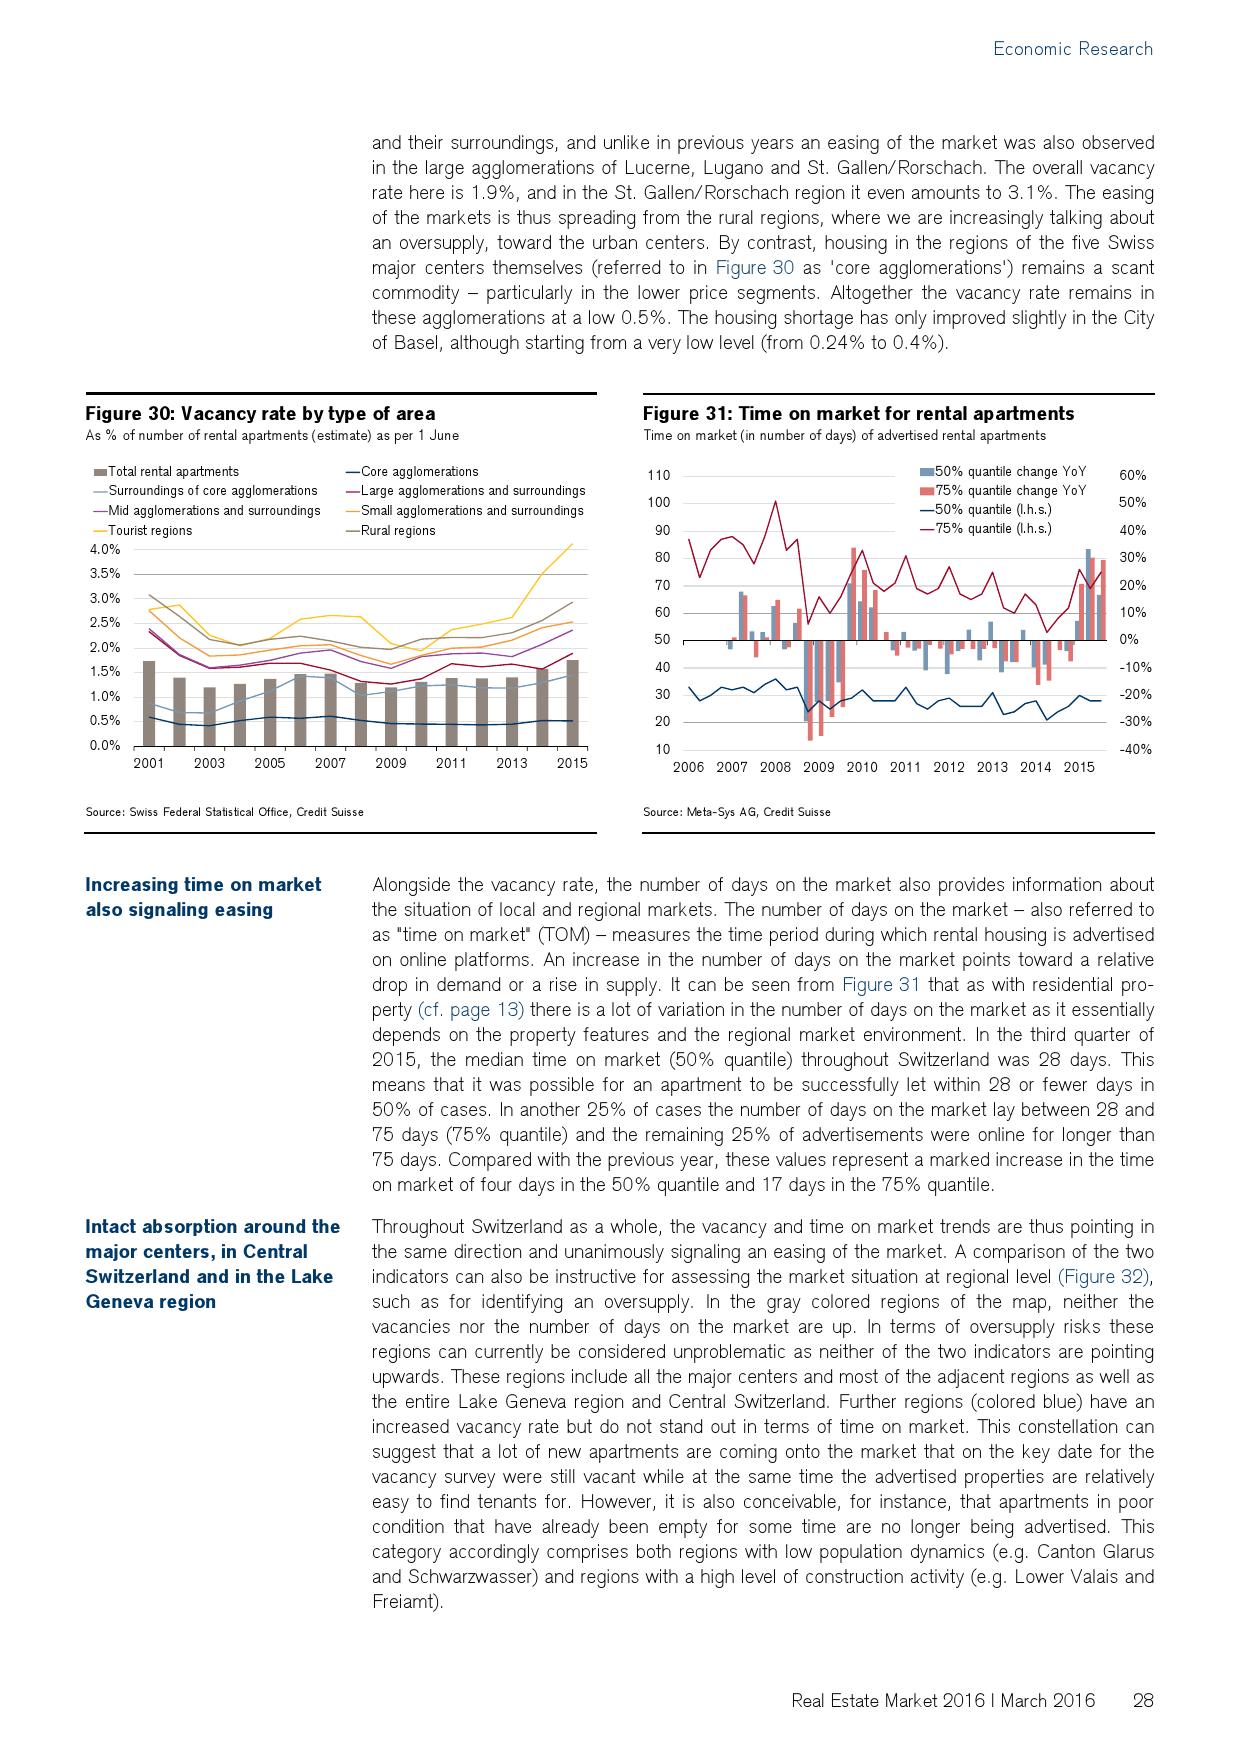 2016年瑞士房地产市场研究报告_000028